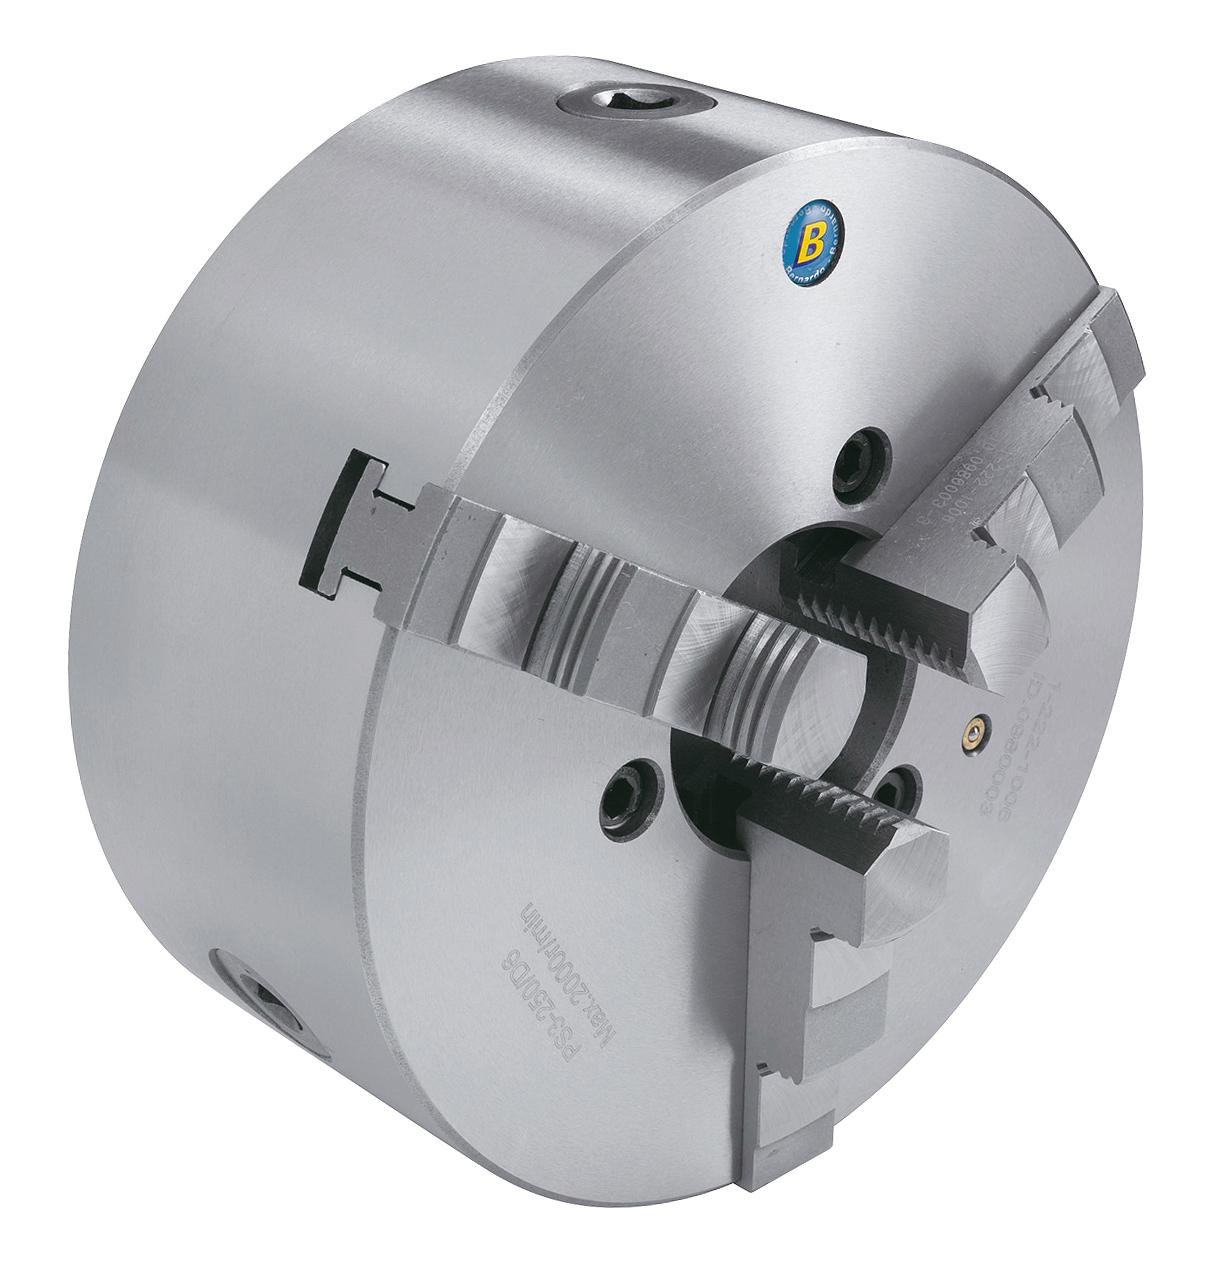 Uchwyt tokarski 3-szczękowy Bernardo PS3-D zgodnie z DIN 55029, PS3-315/D8, żeliwny BERNARDO